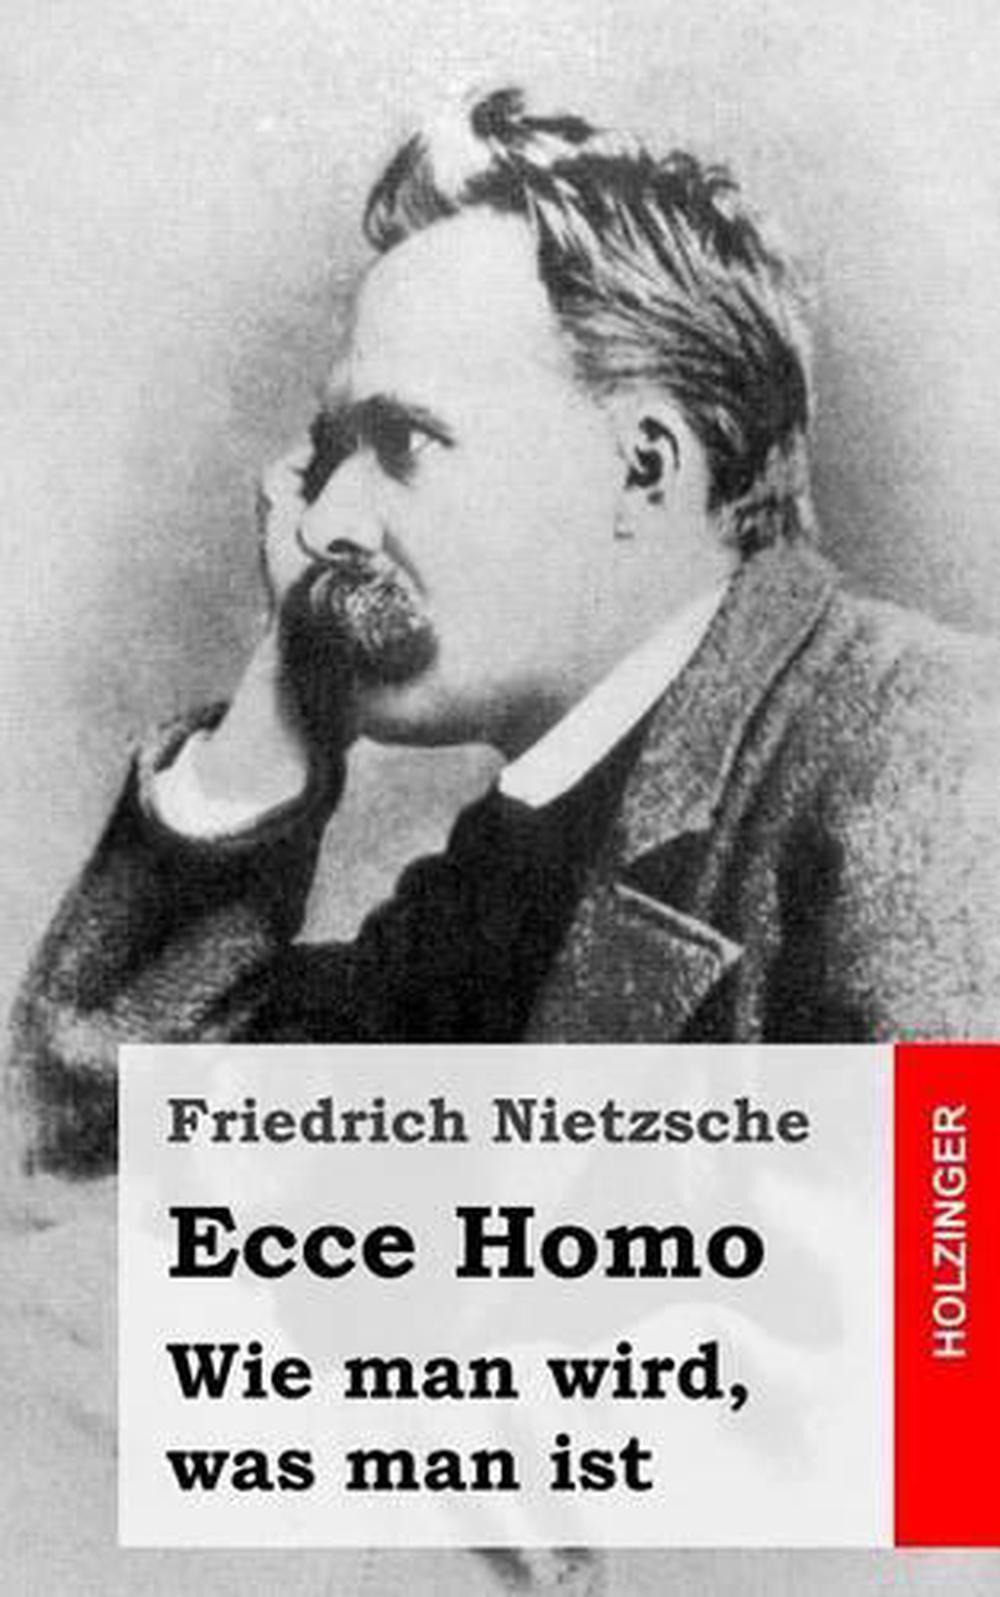 Details About Ecce Homo Wie Man Wird Was Man Ist By Friedrich Wilhelm Nietzsche German Pap